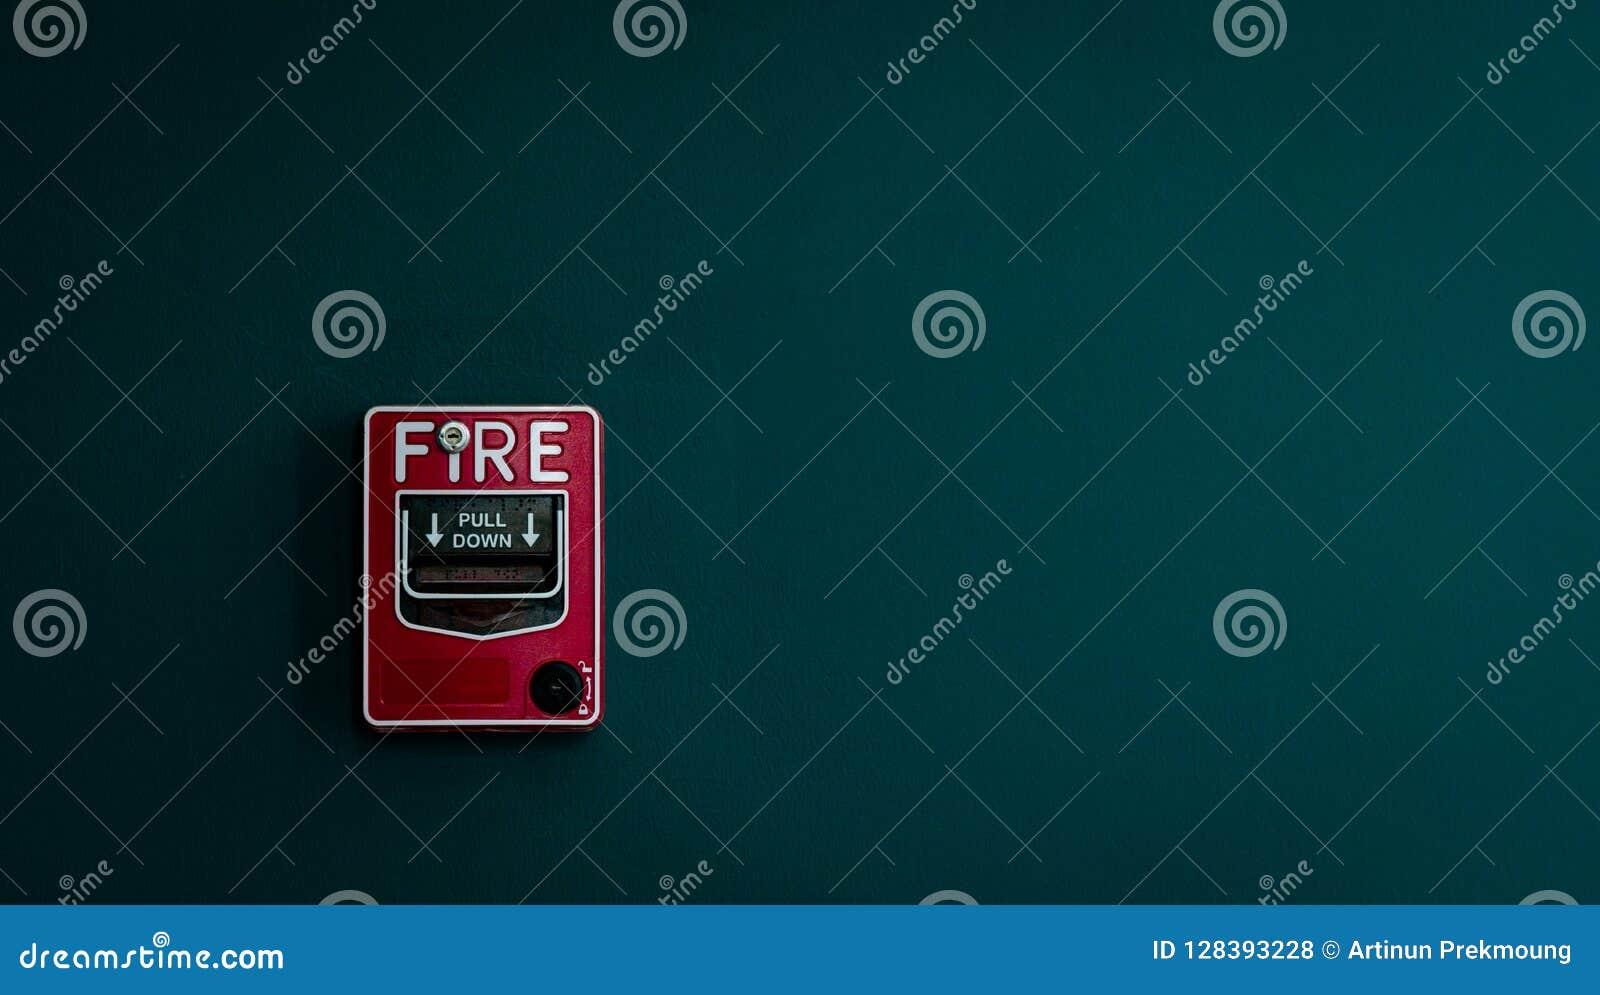 Feuermelder auf dunkelgrüner Betonmauer Warnen und Sicherheitssystem Notausrüstung für Sicherheitsalarm Roter Kasten des Feuermel